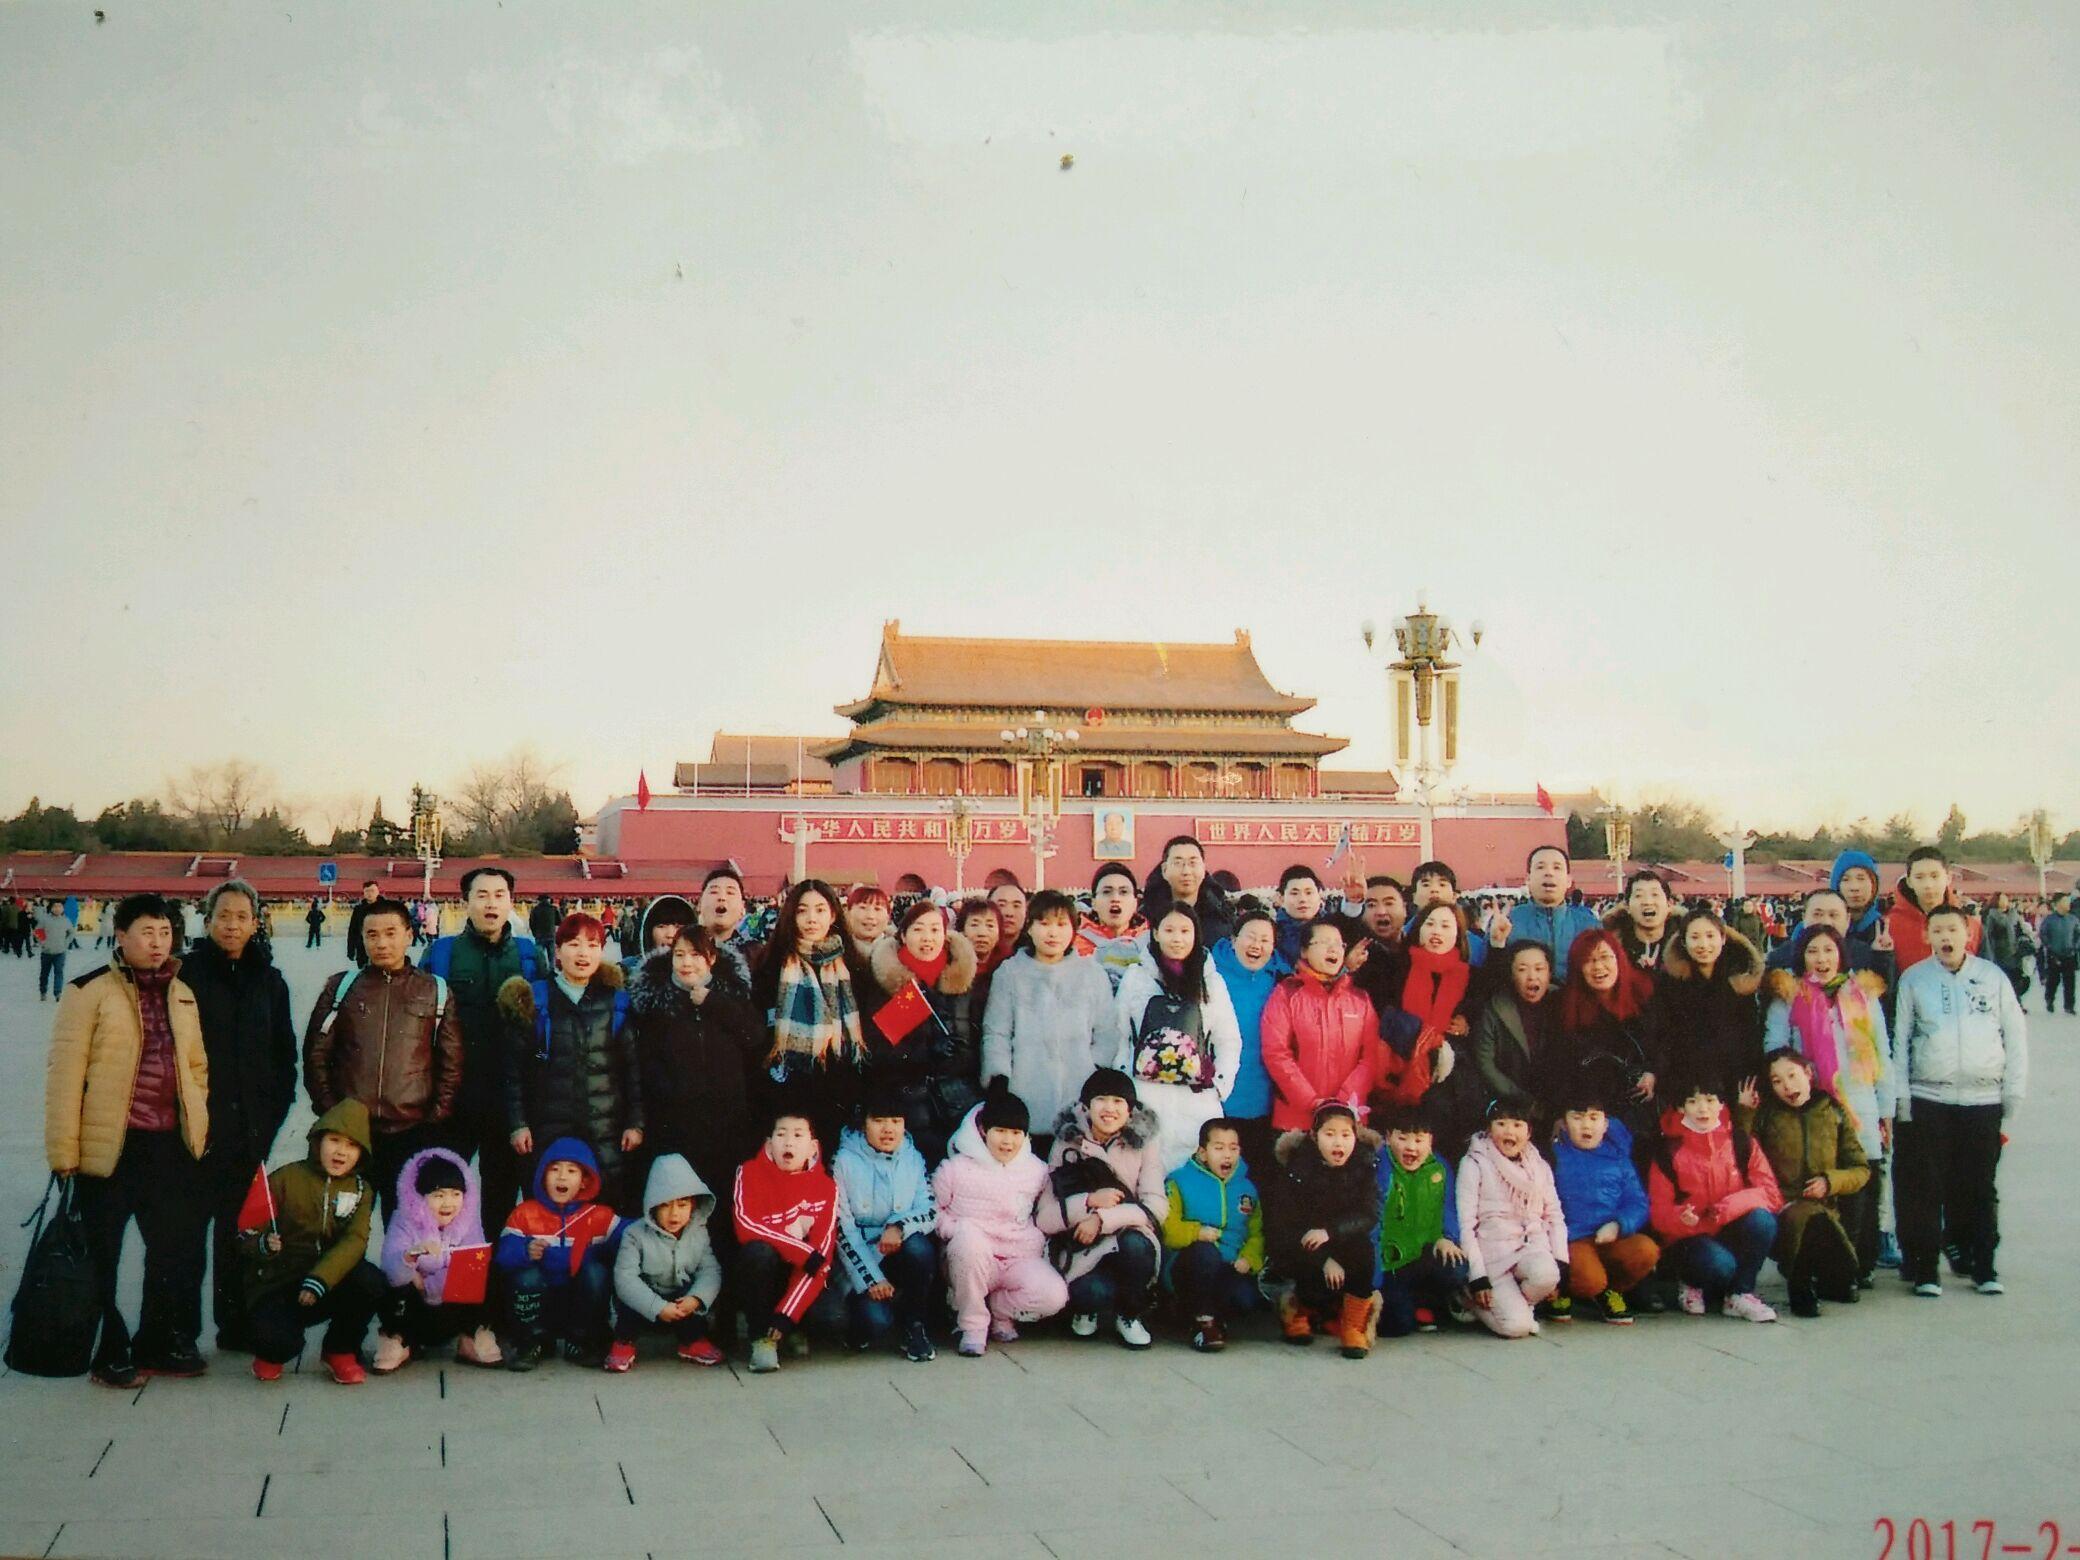 我们周氏在村里是个大家族,我爷爷有6个儿子,3个女儿,正月初八我们这个大家庭大大小小将近五十口人第一次组织去北京游玩并拍下了全家福。 平时都忙于工作,一年也见不了几次面,我爷爷很多年前就说过有朝一日把大伙聚在一起拍张全家福,这次借这个机会圆了爷爷这个梦。 照片中有我大伯、叔叔、大大、婶婶、兄弟、侄子、侄女等等。